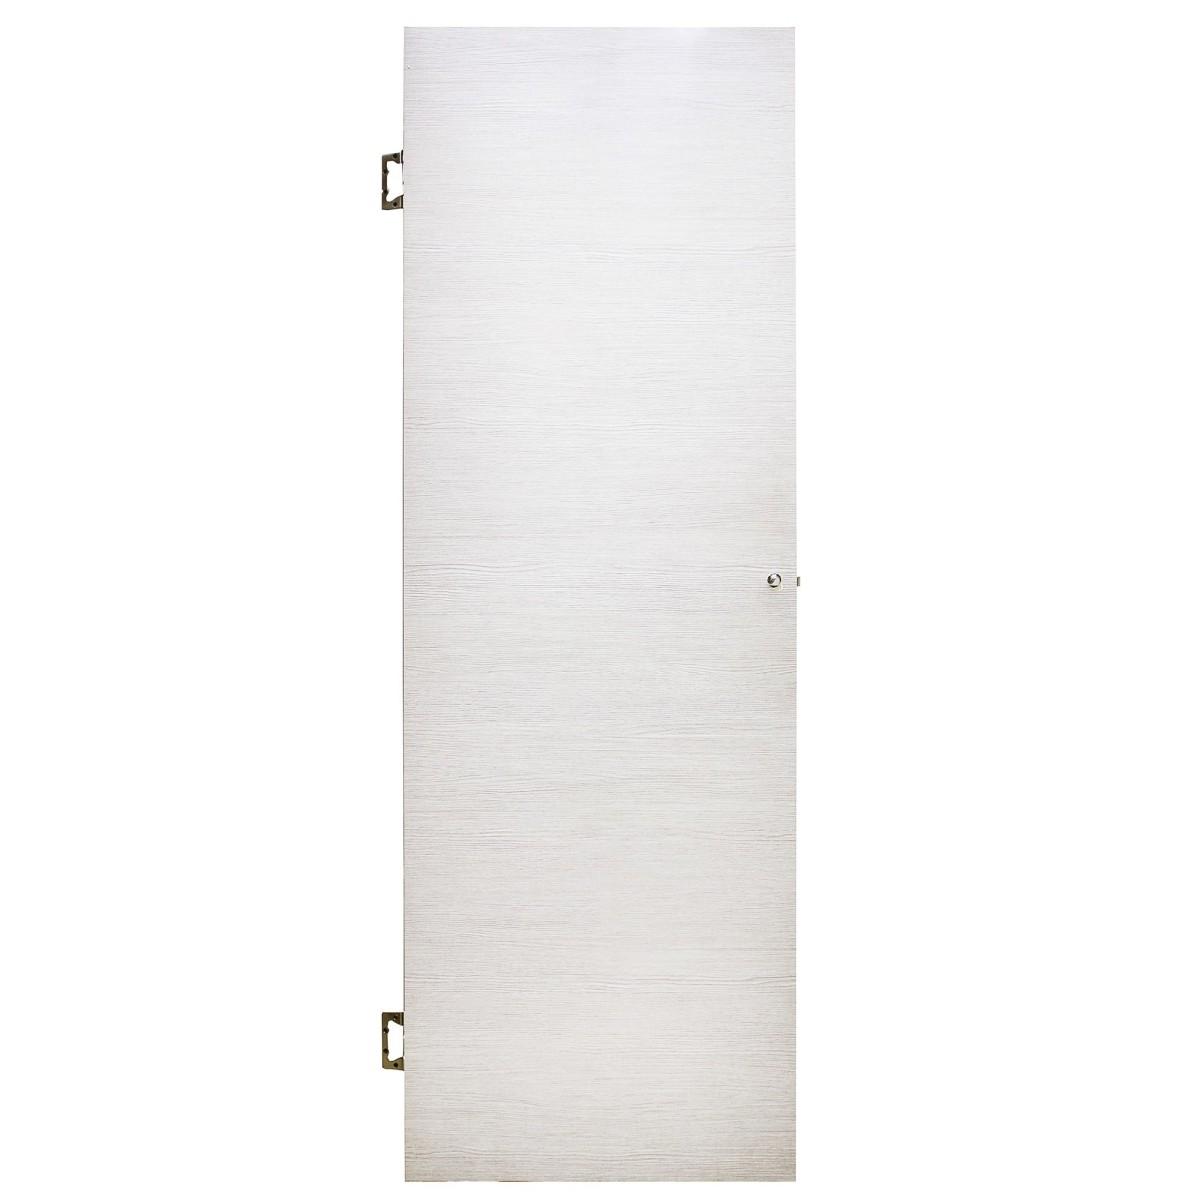 Дверь Межкомнатная Глухая Эклипс 80x200 Цвет Серый Дуб